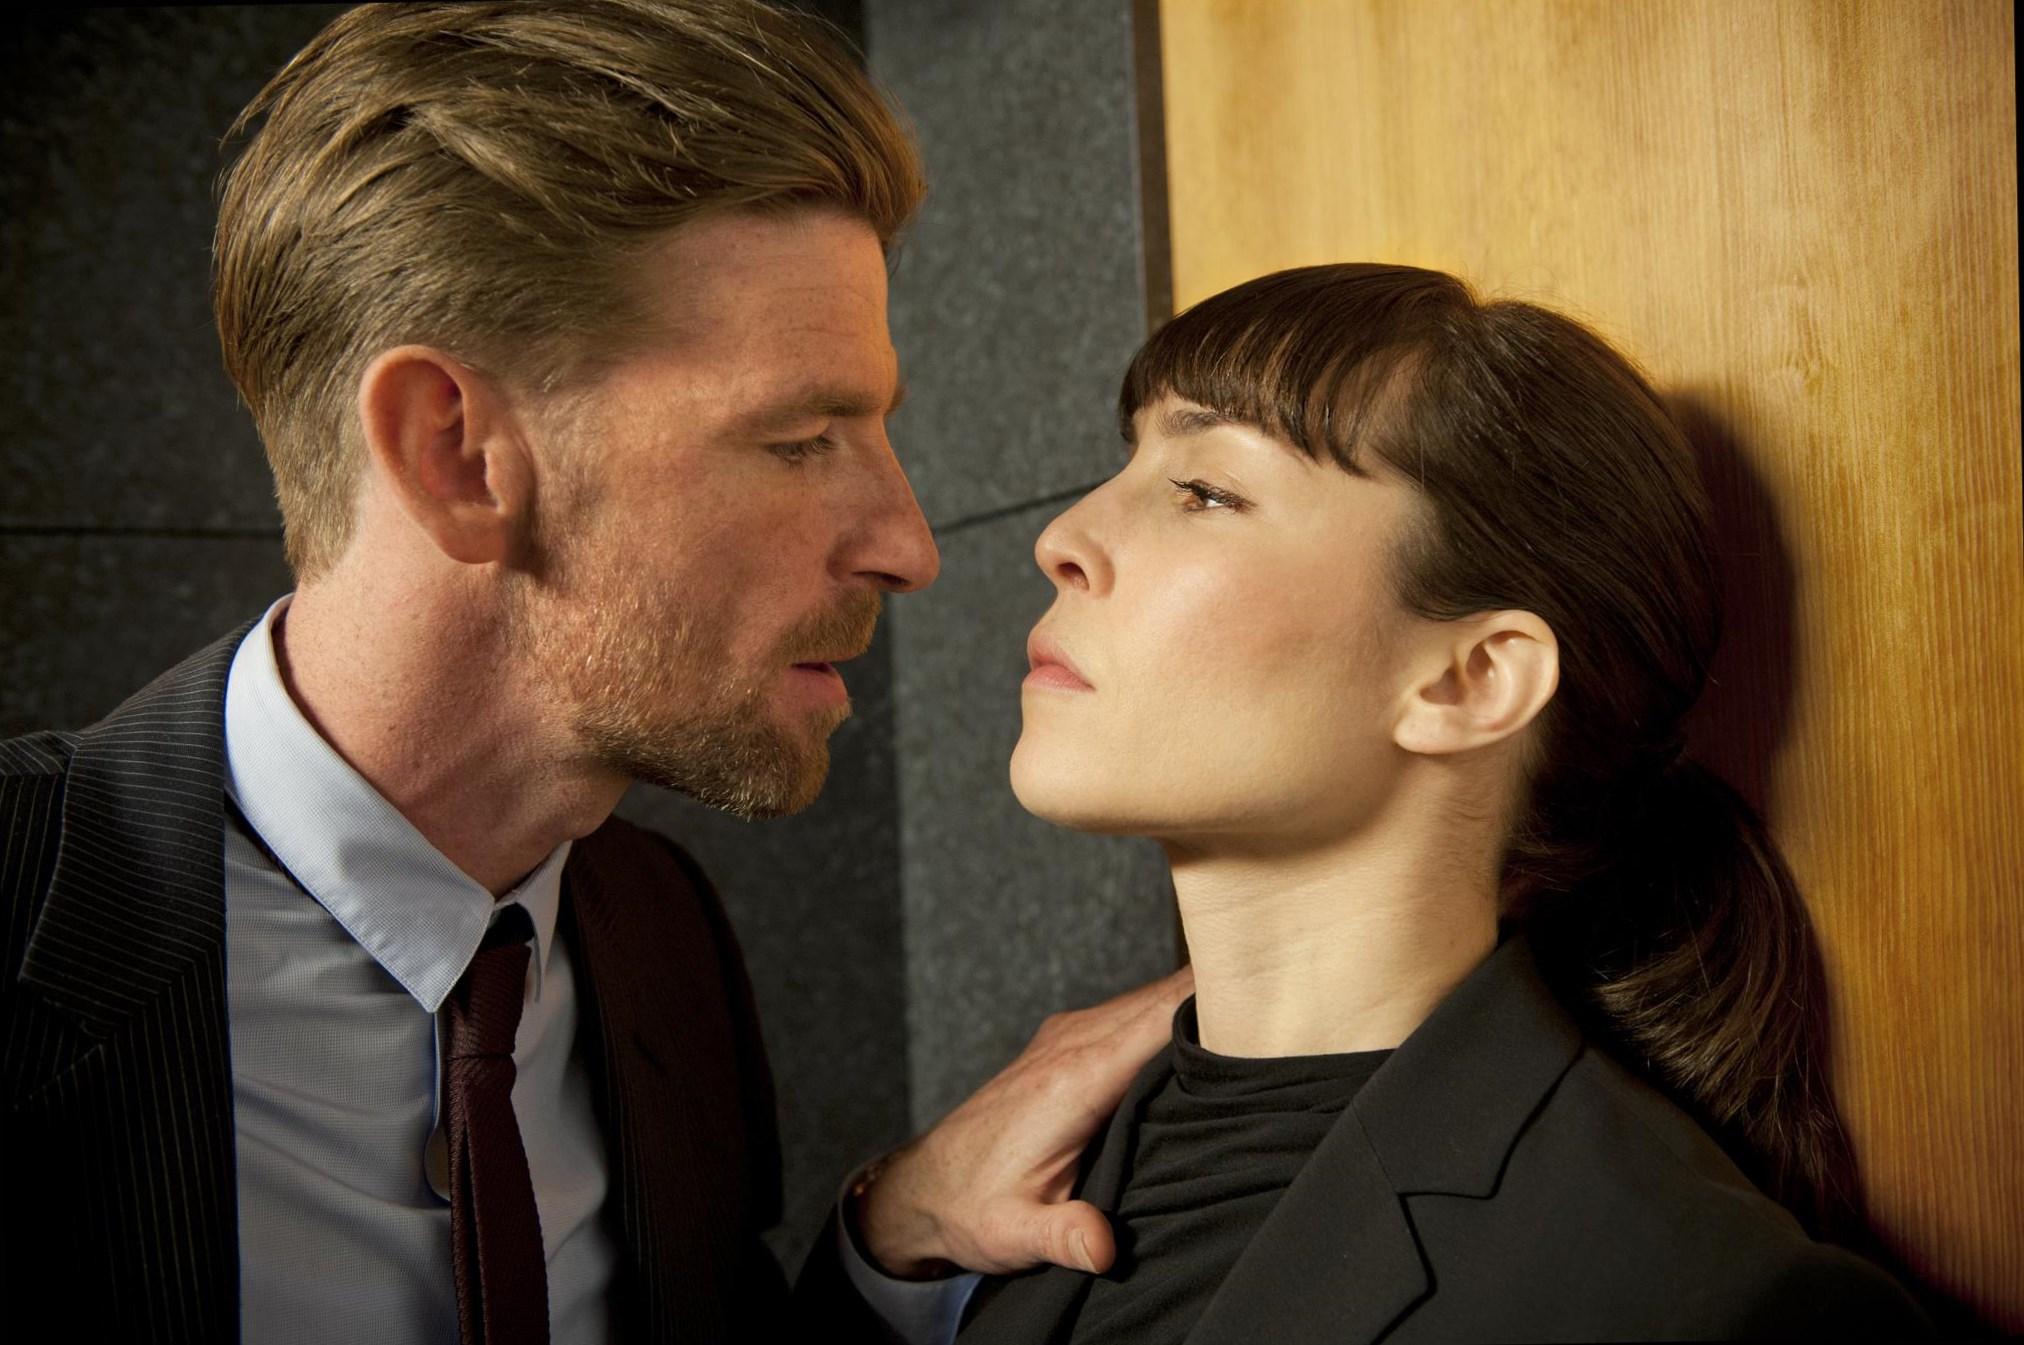 film erotici scene meeting affinity